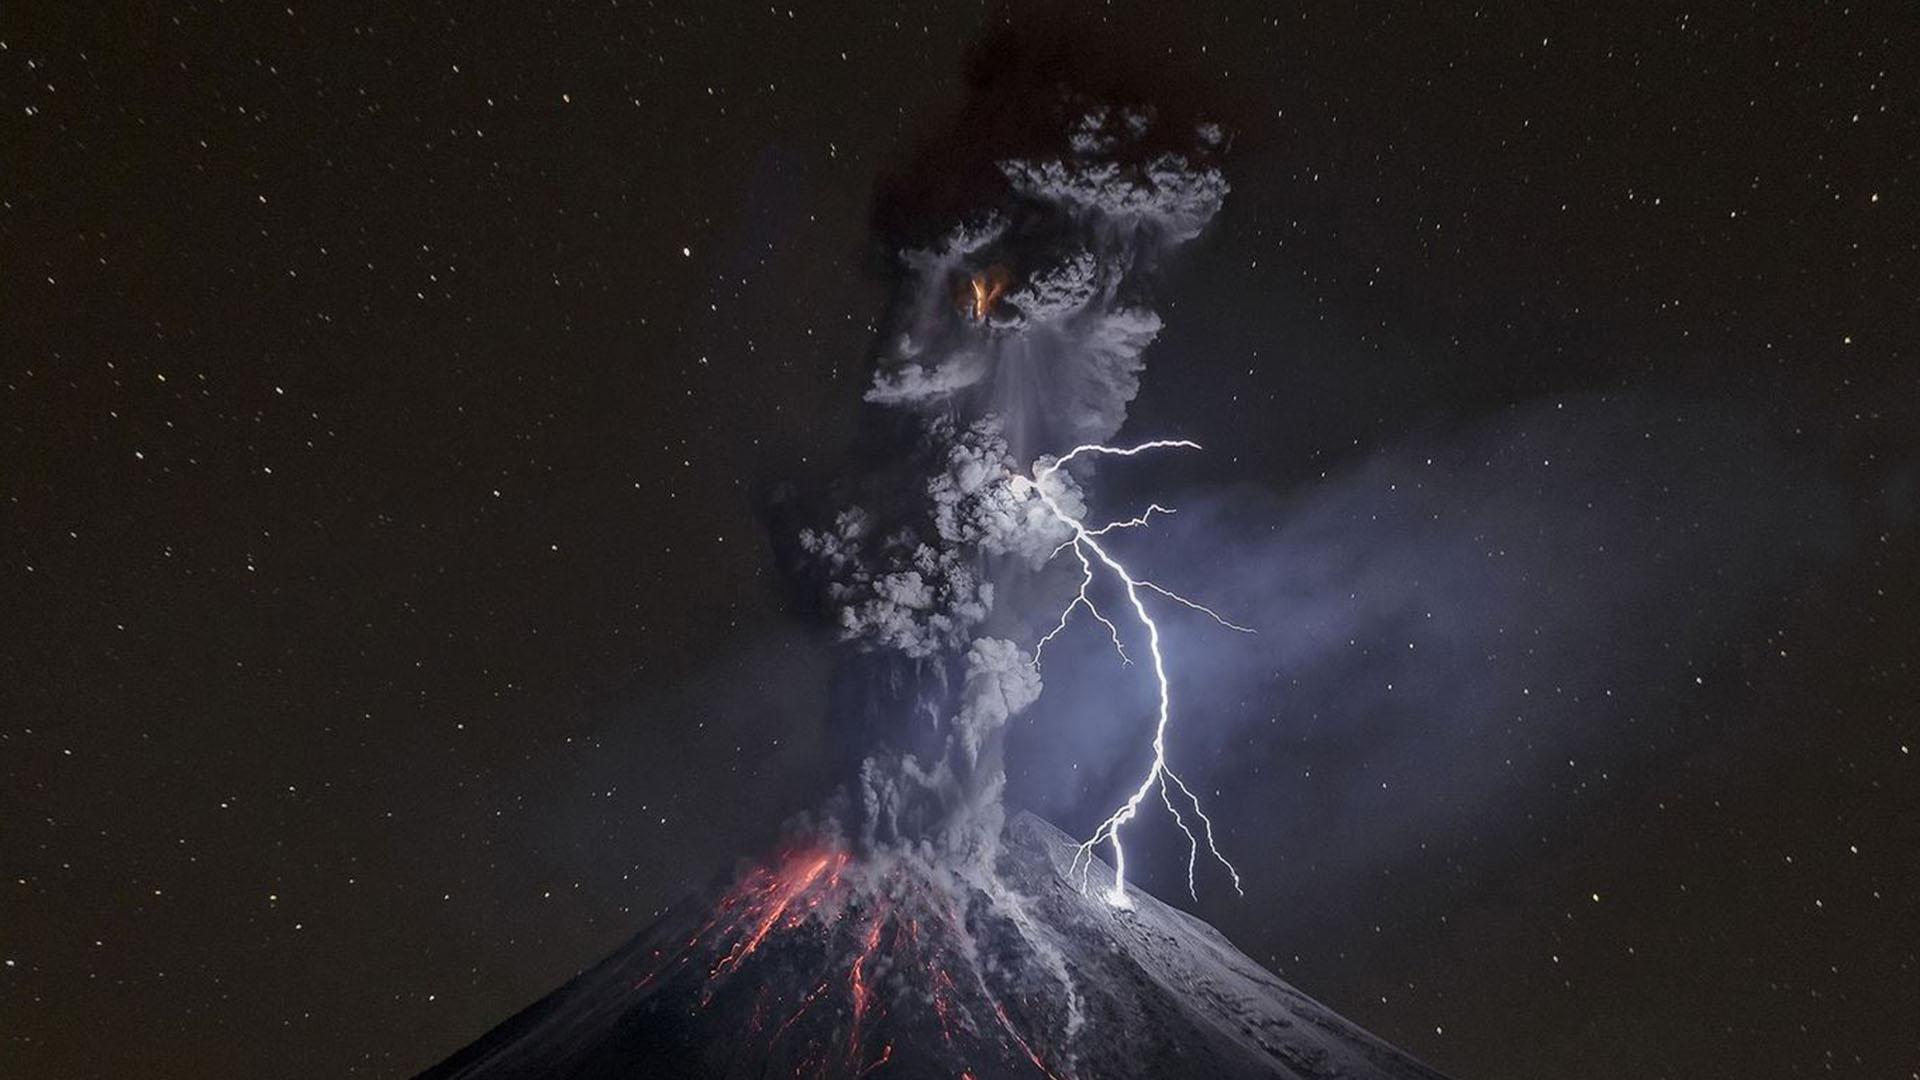 """Naturaleza – Primer lugar. Una impresionante toma del volcán de Colima. """"estaba en Comala cuando de repente vi una incandescencia y el cráter comenzó a disparar. Segundos después, una poderosa explosión volcánica expulsó una nube de cenizas y un rayo iluminó la escena. Fue uno de los momentos más emocionantes de mi vida"""". Por Sergio Tapiro Velasco"""